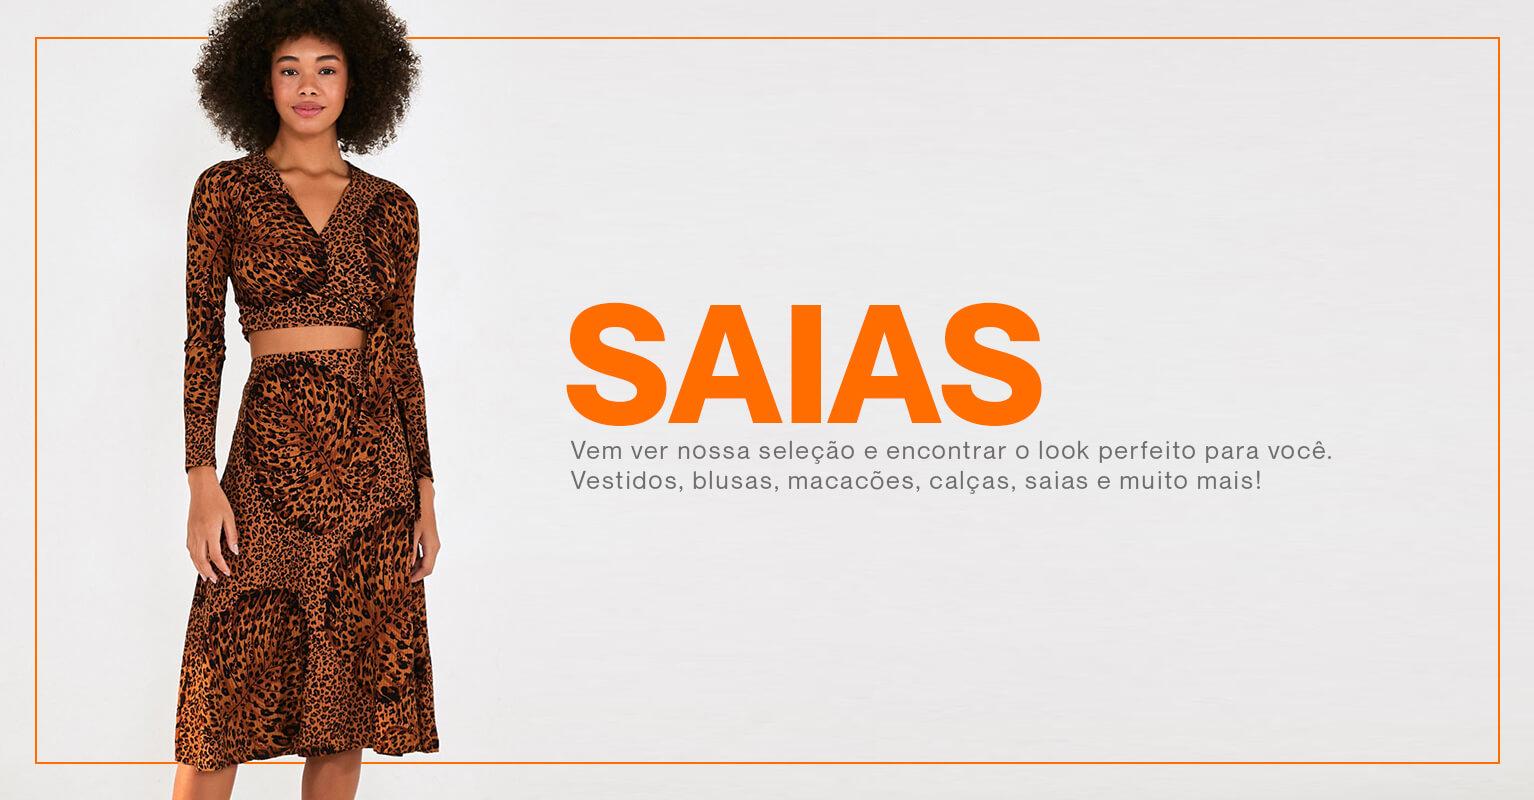 Banner mobile - Saias